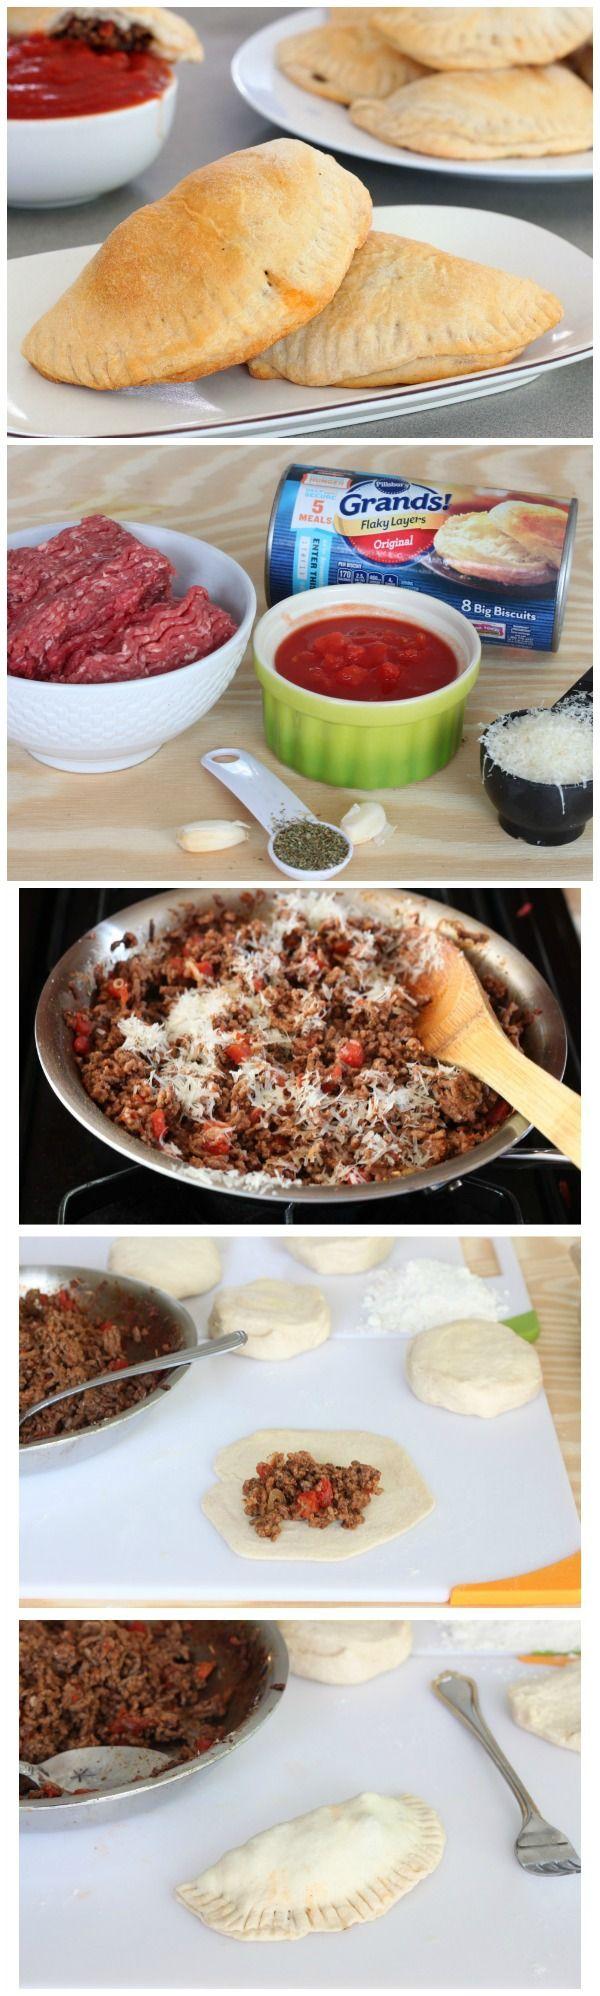 Easy empanadas